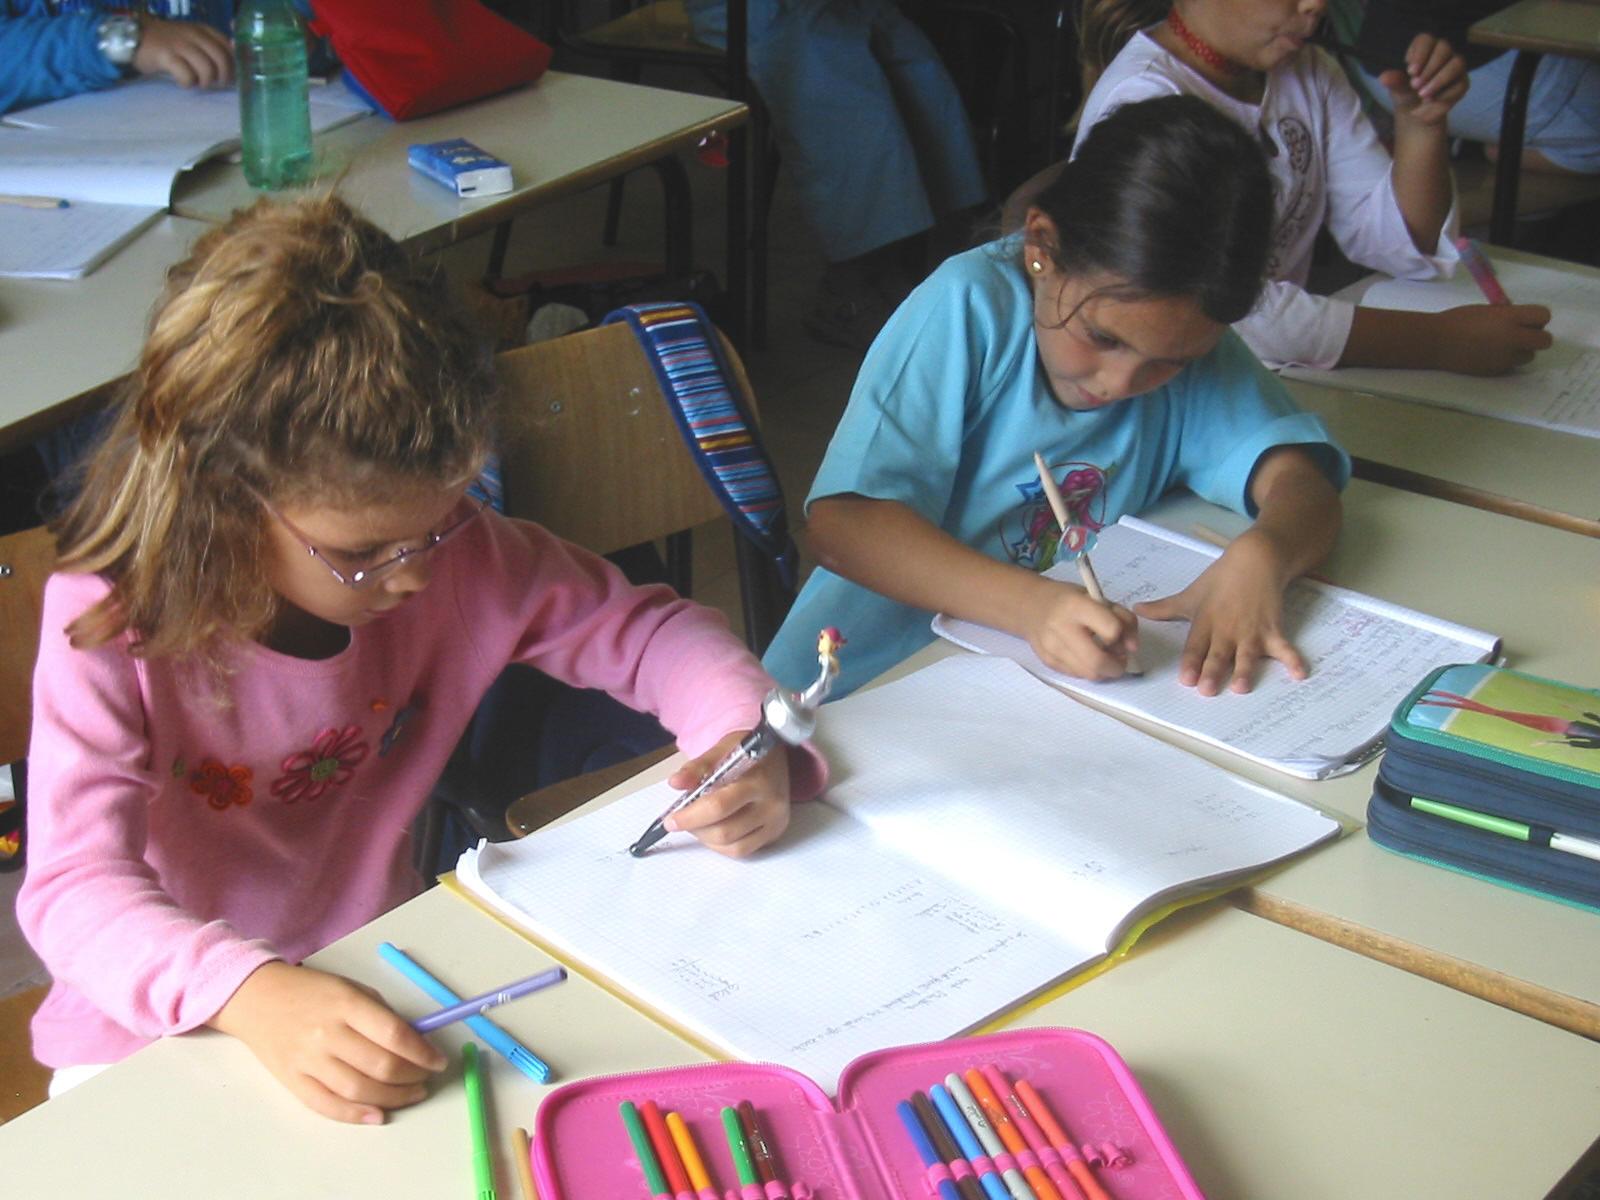 Napoli: muore bambino in classe, indagate le maestre